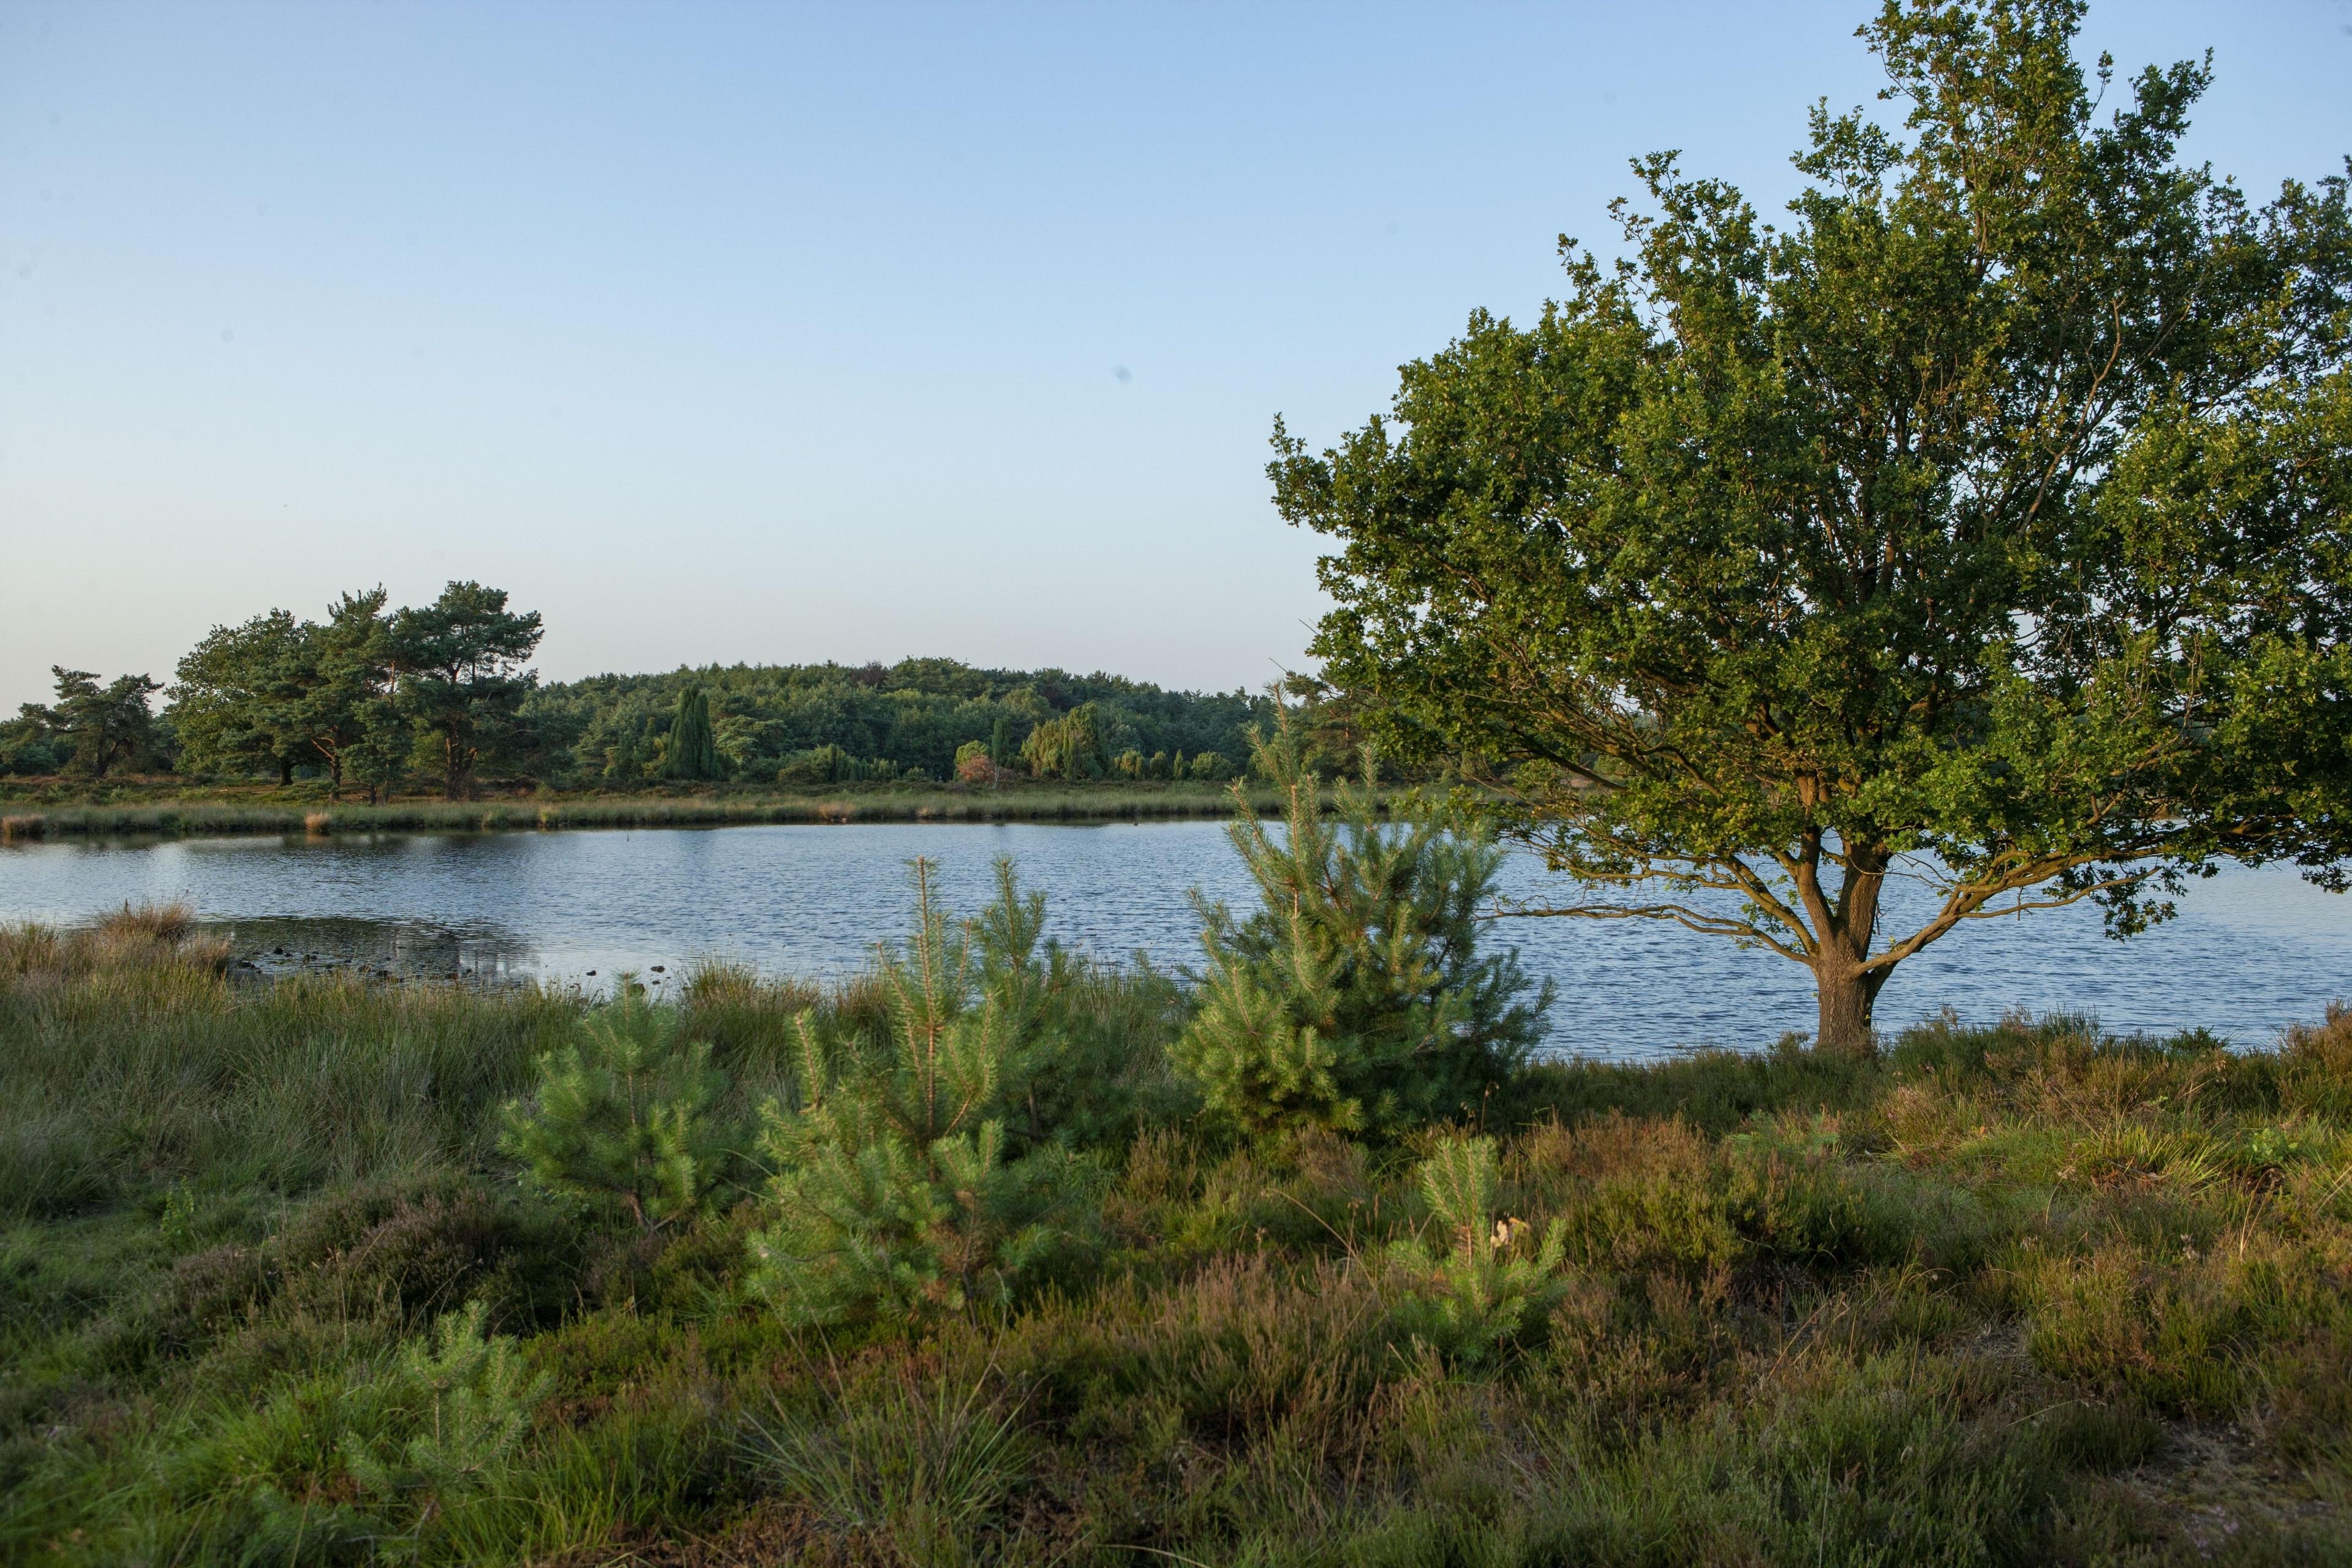 Municipality of Midden-Drenthe, Drenthe, Netherlands